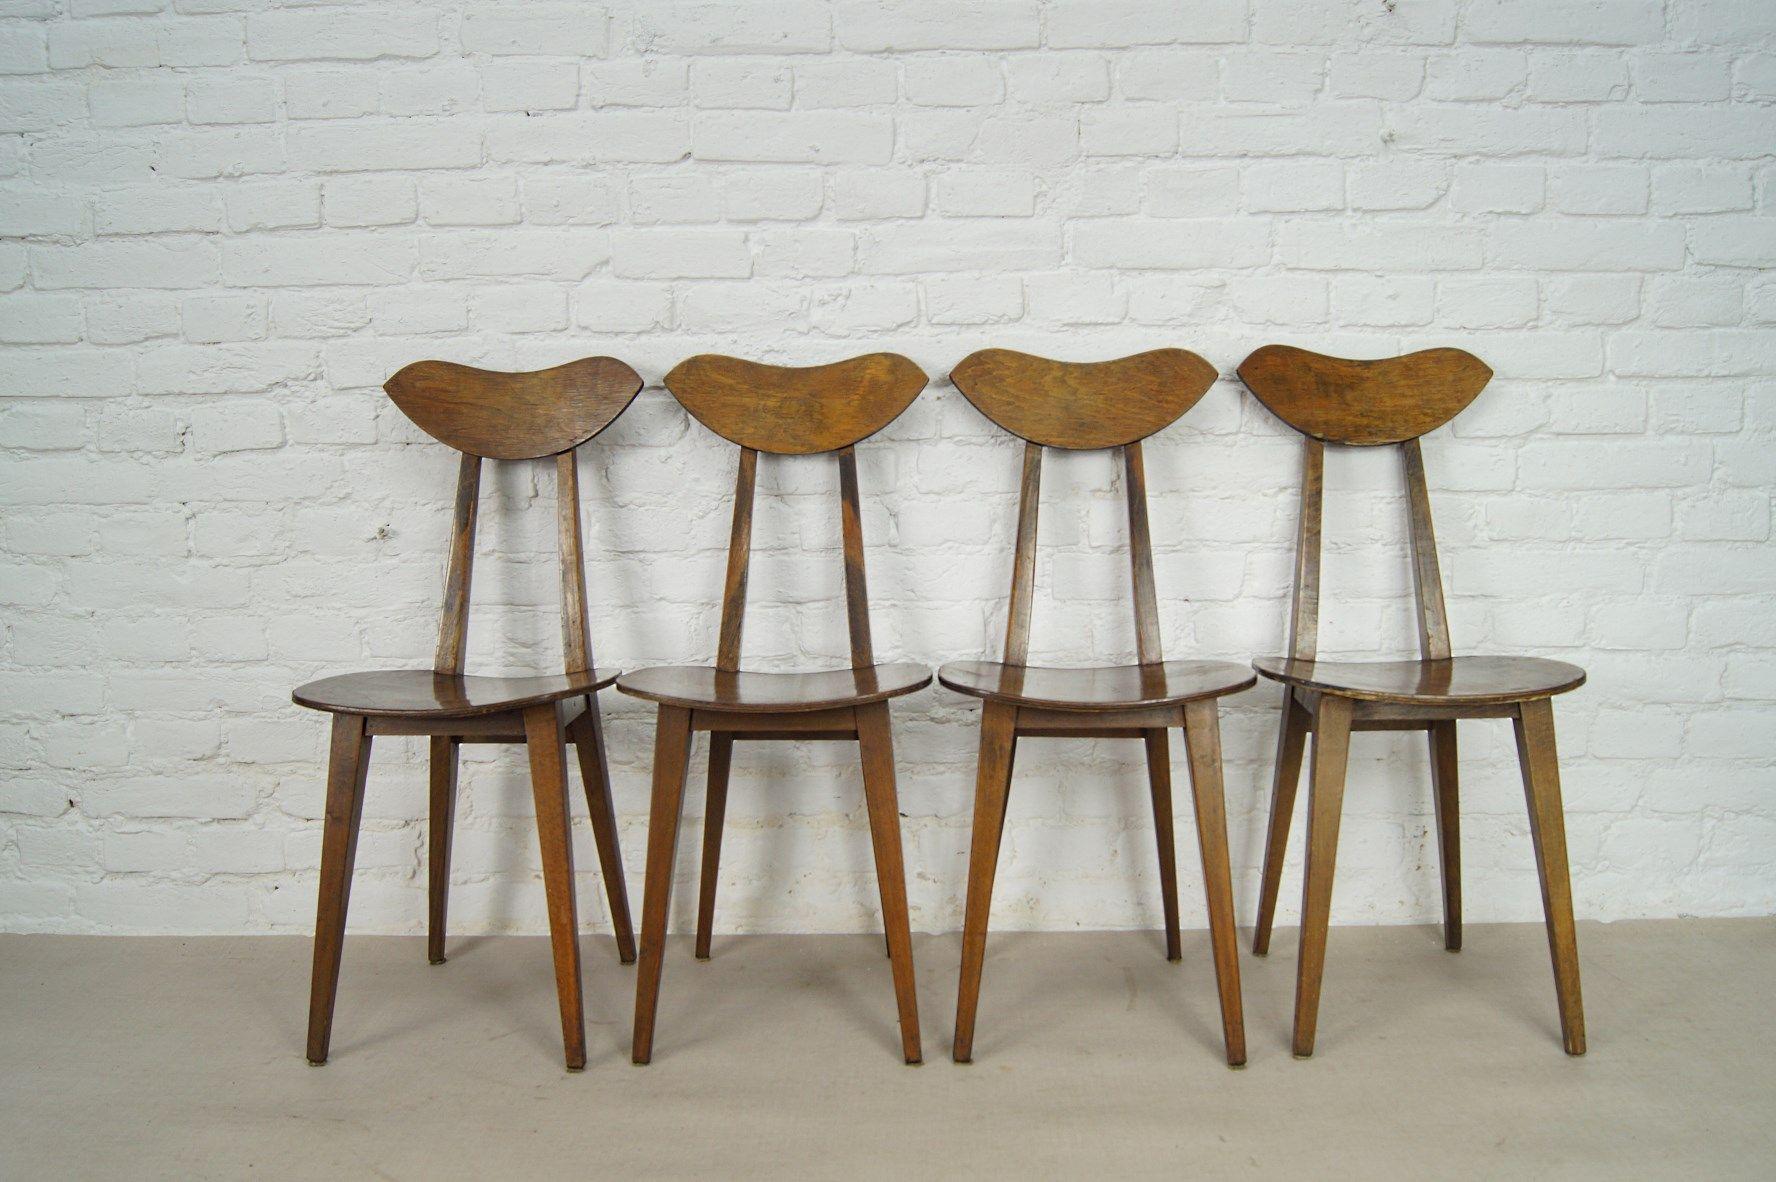 Vintage Stühle polnische vintage stühle wanda genga für drzewa obrobki 4er set